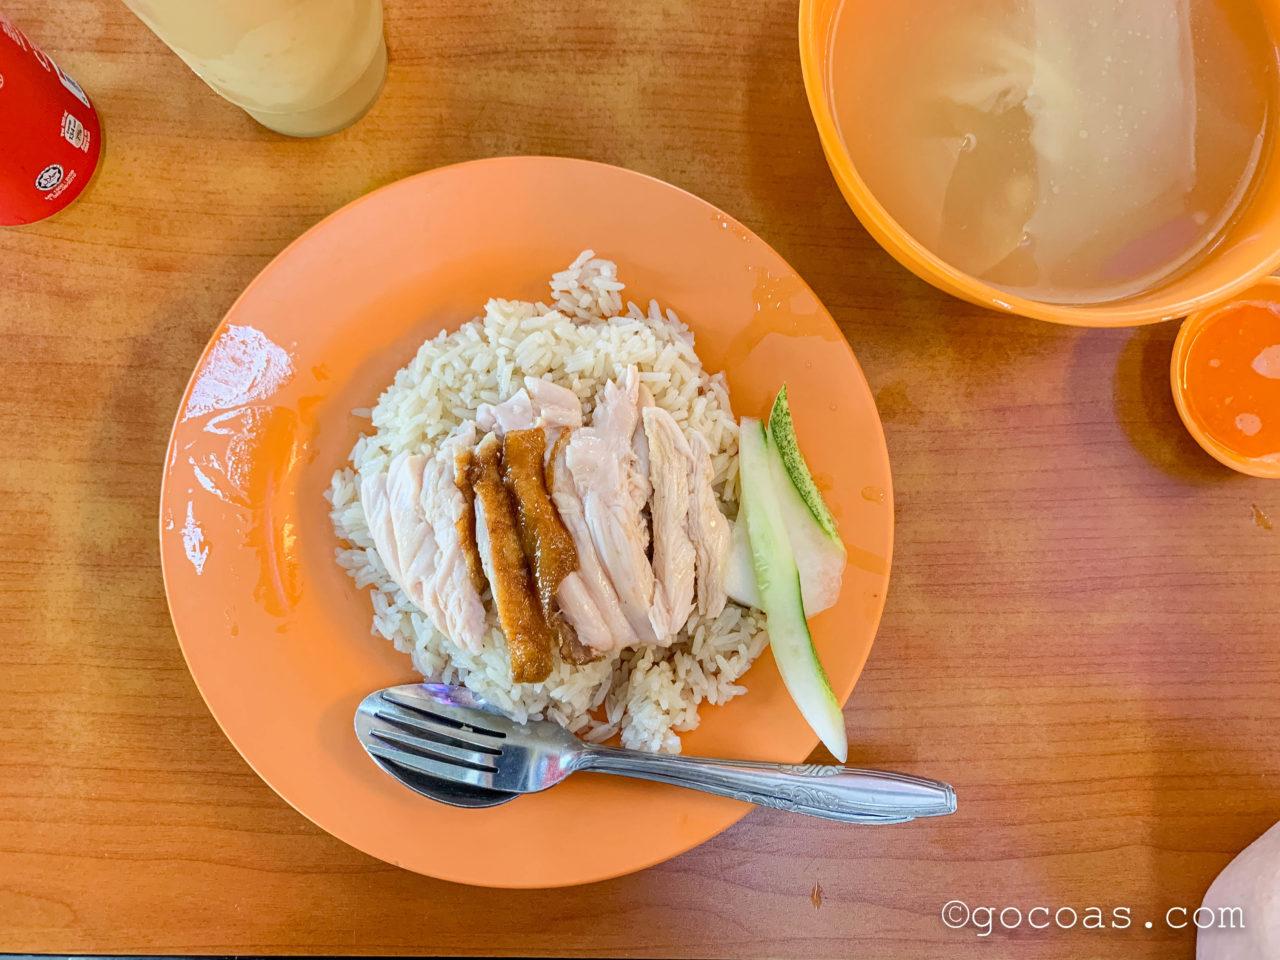 Shuang Shun Chicken Riceで食べたカオマンガイ